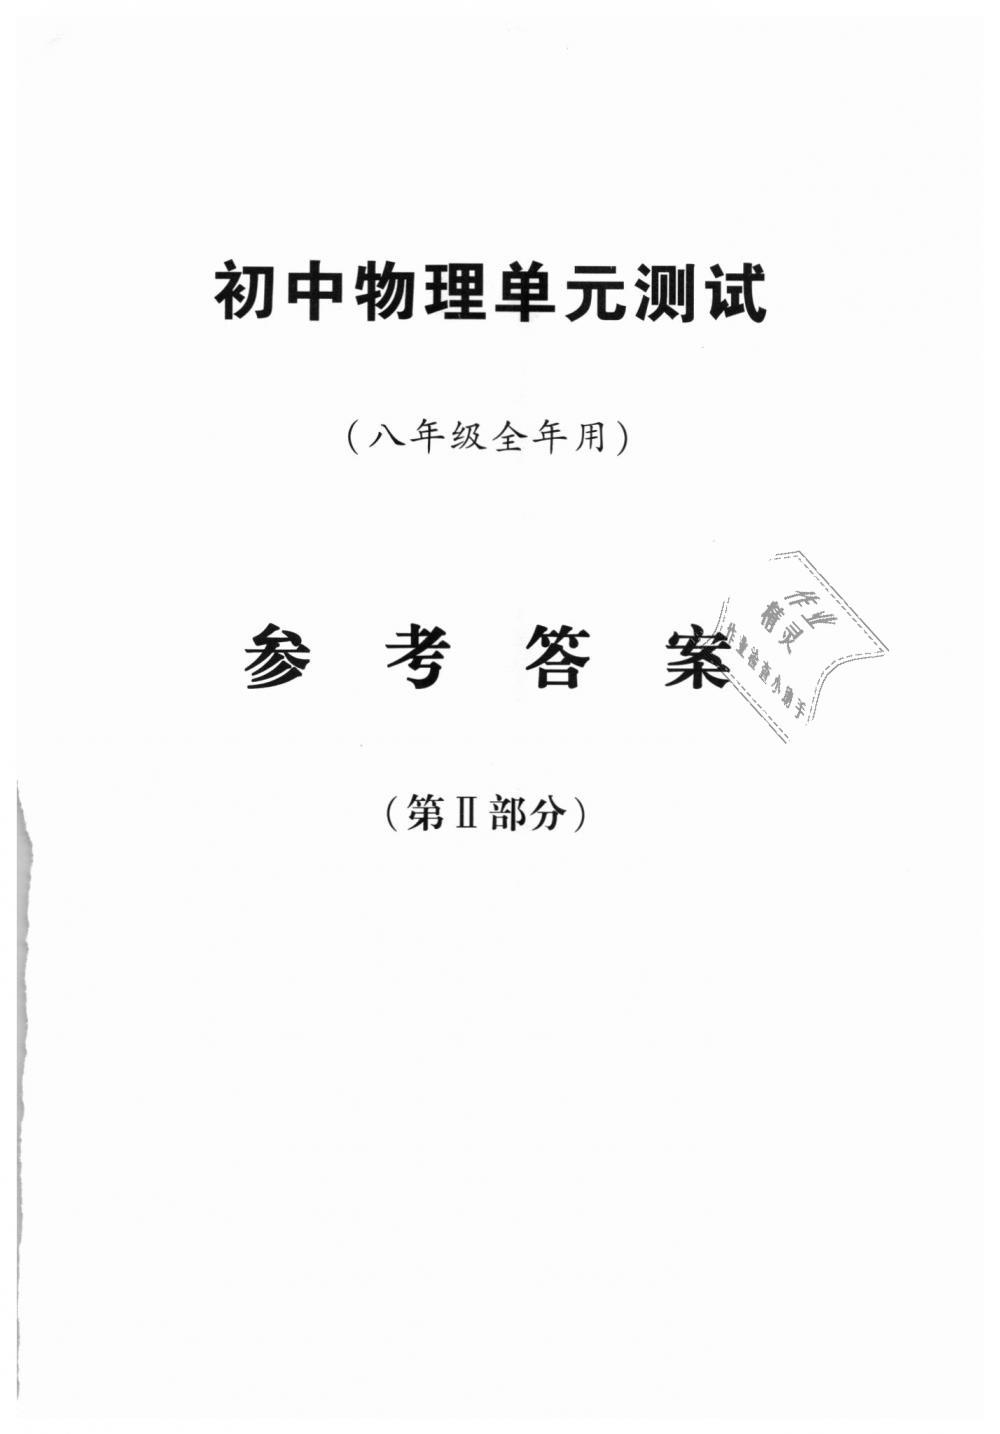 2018年初中物理双基过关堂堂练八年级全一册沪教版第44页